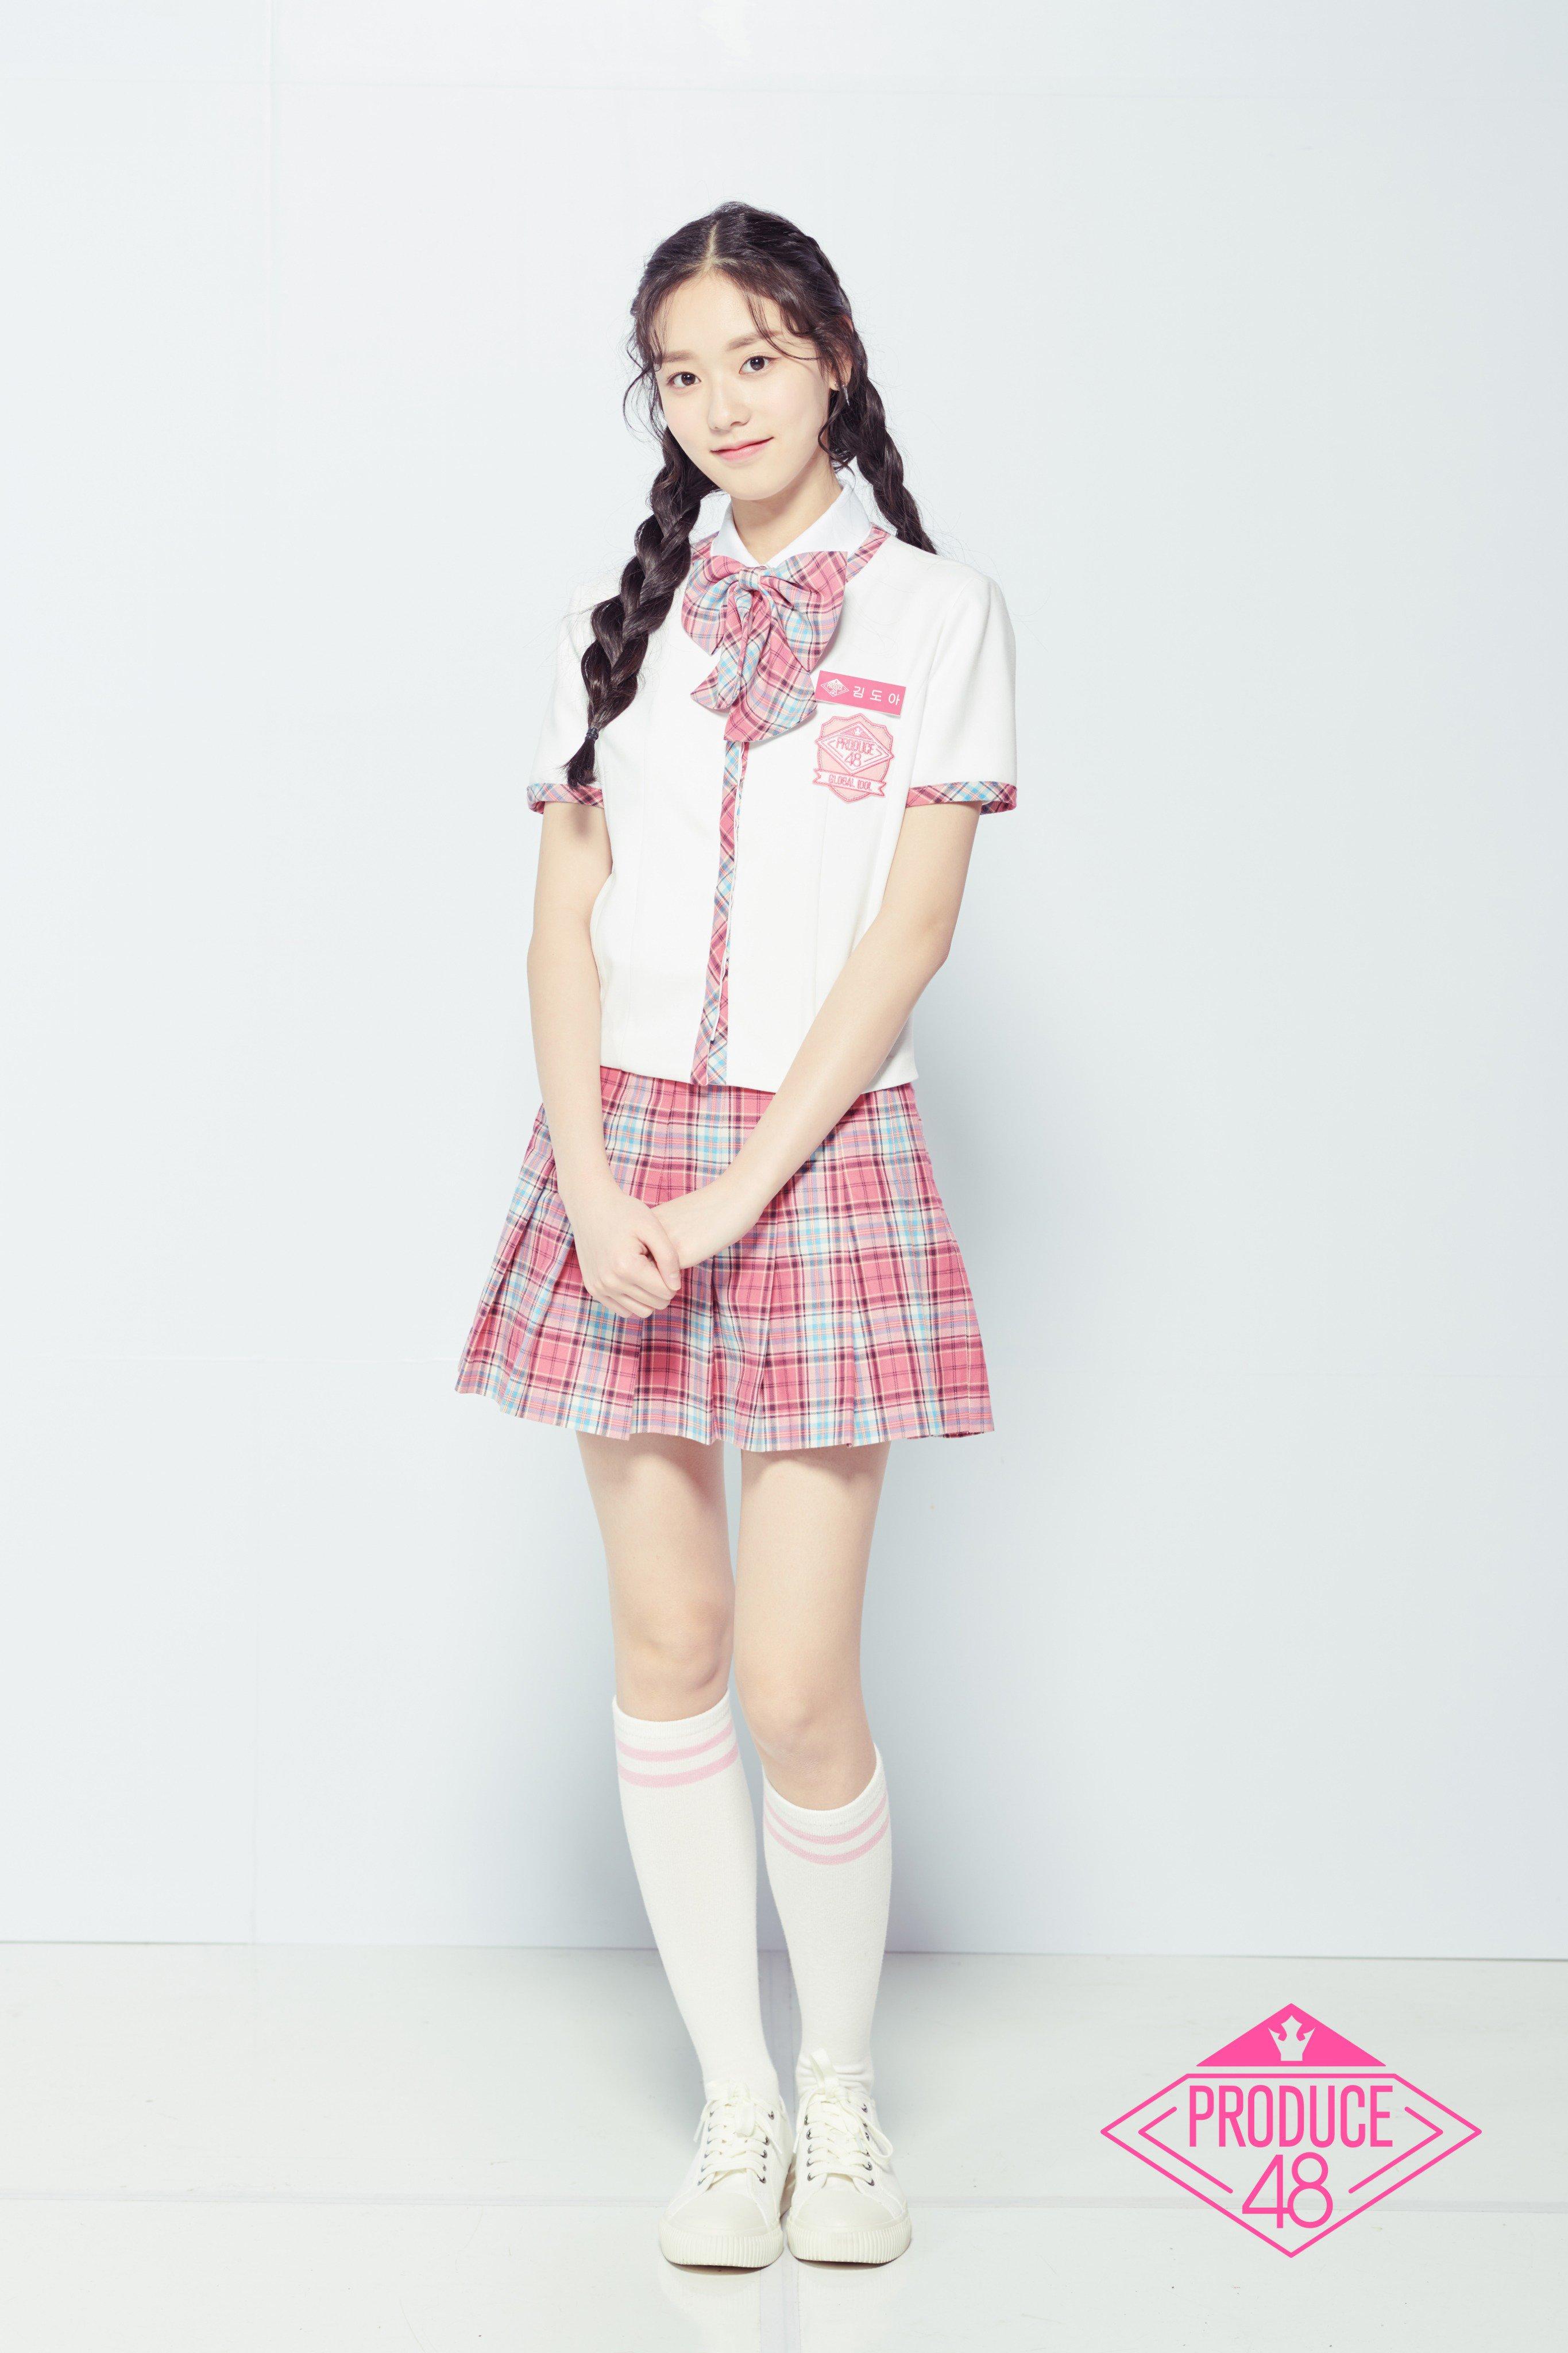 Kim Doah Produce 48 - K-Pop Database / dbkpop com